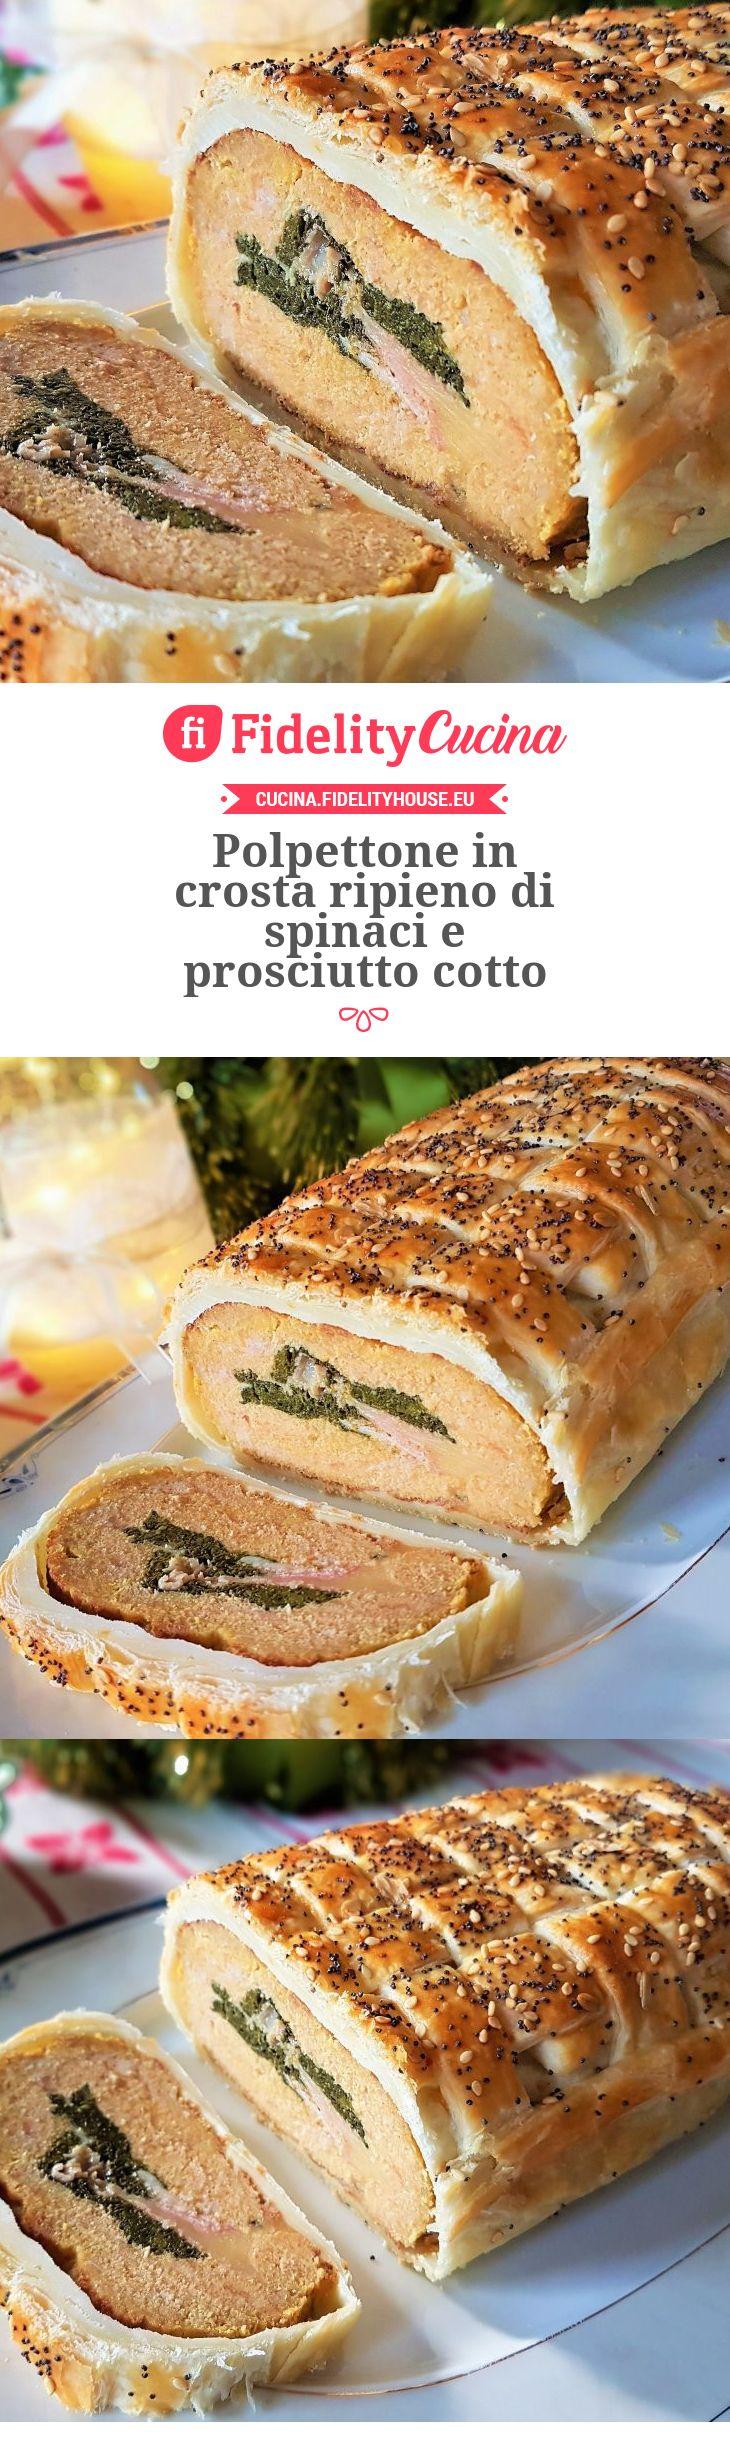 Polpettone in crosta ripieno di spinaci e prosciutto cotto